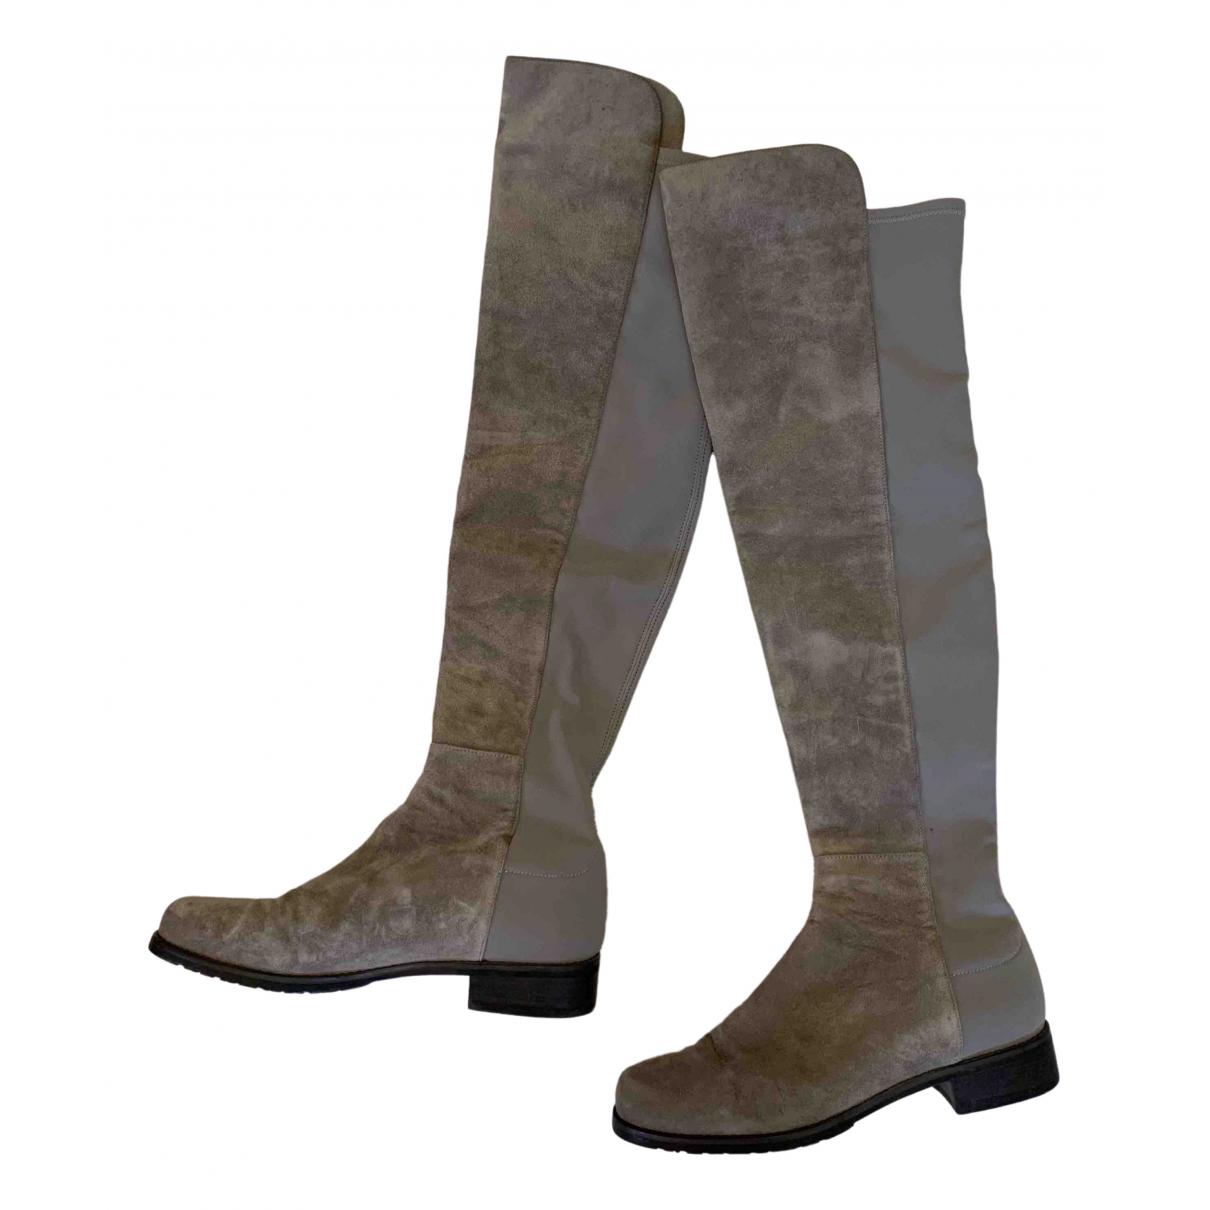 Stuart Weitzman N Beige Suede Boots for Women 37.5 EU